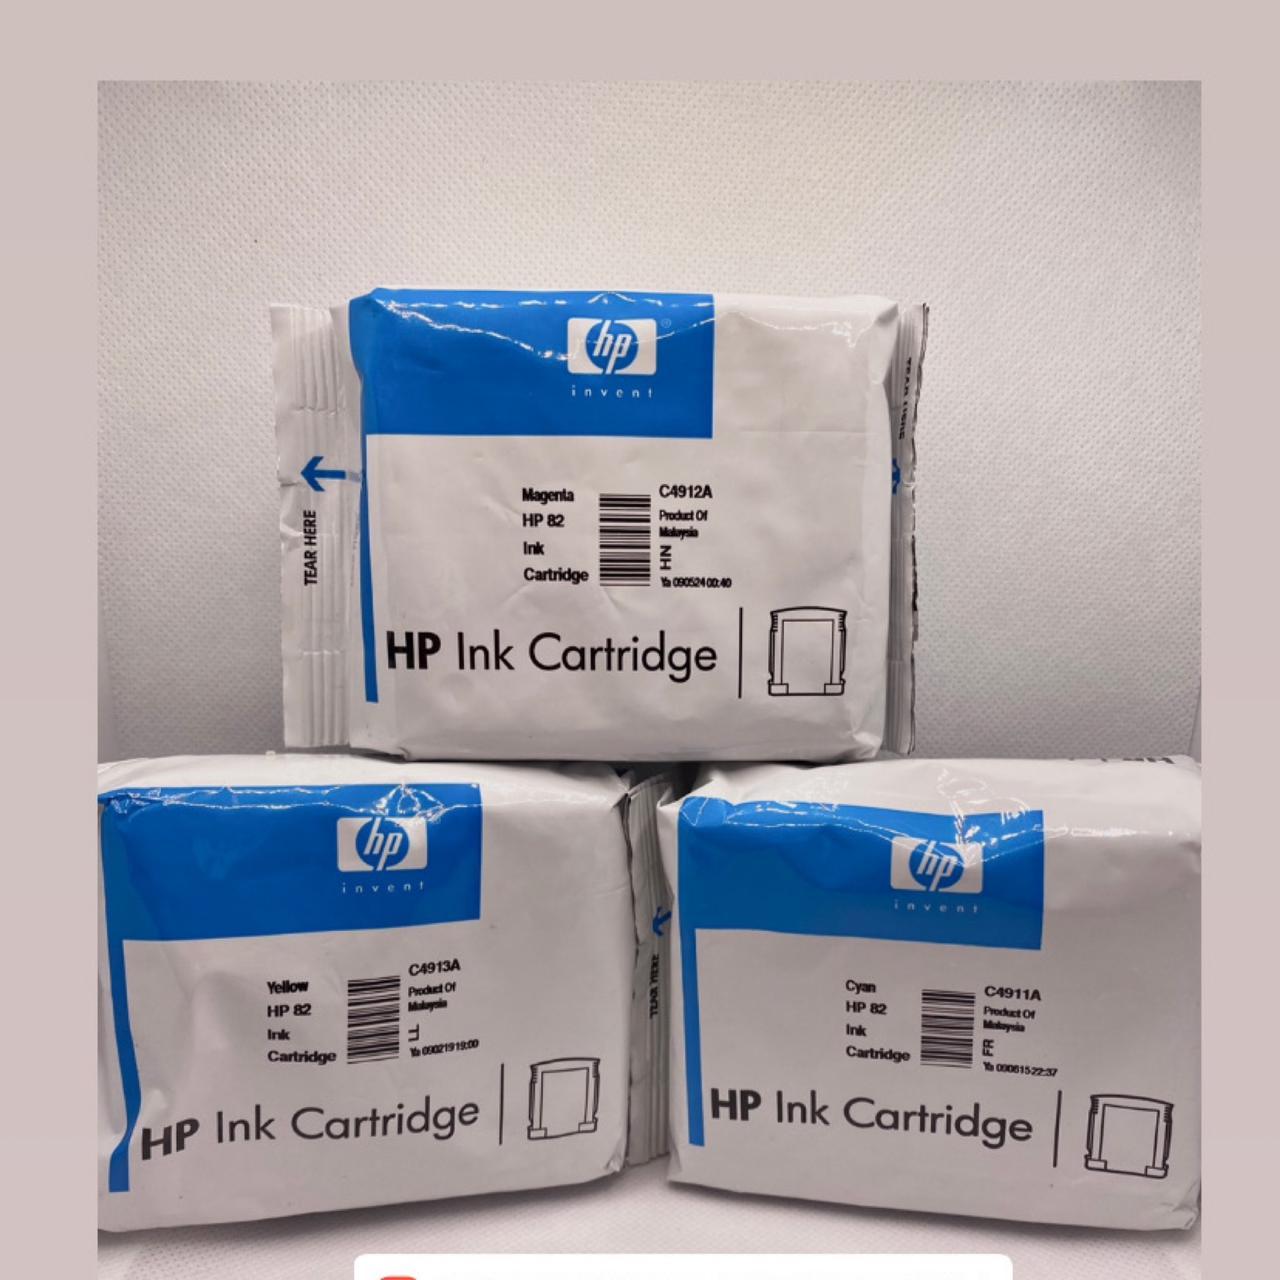 Kit 3 Cores Cartucho Hp - 82 ORIGINAL LACRADO s/caixa+ UM BRINDE SURPRESA